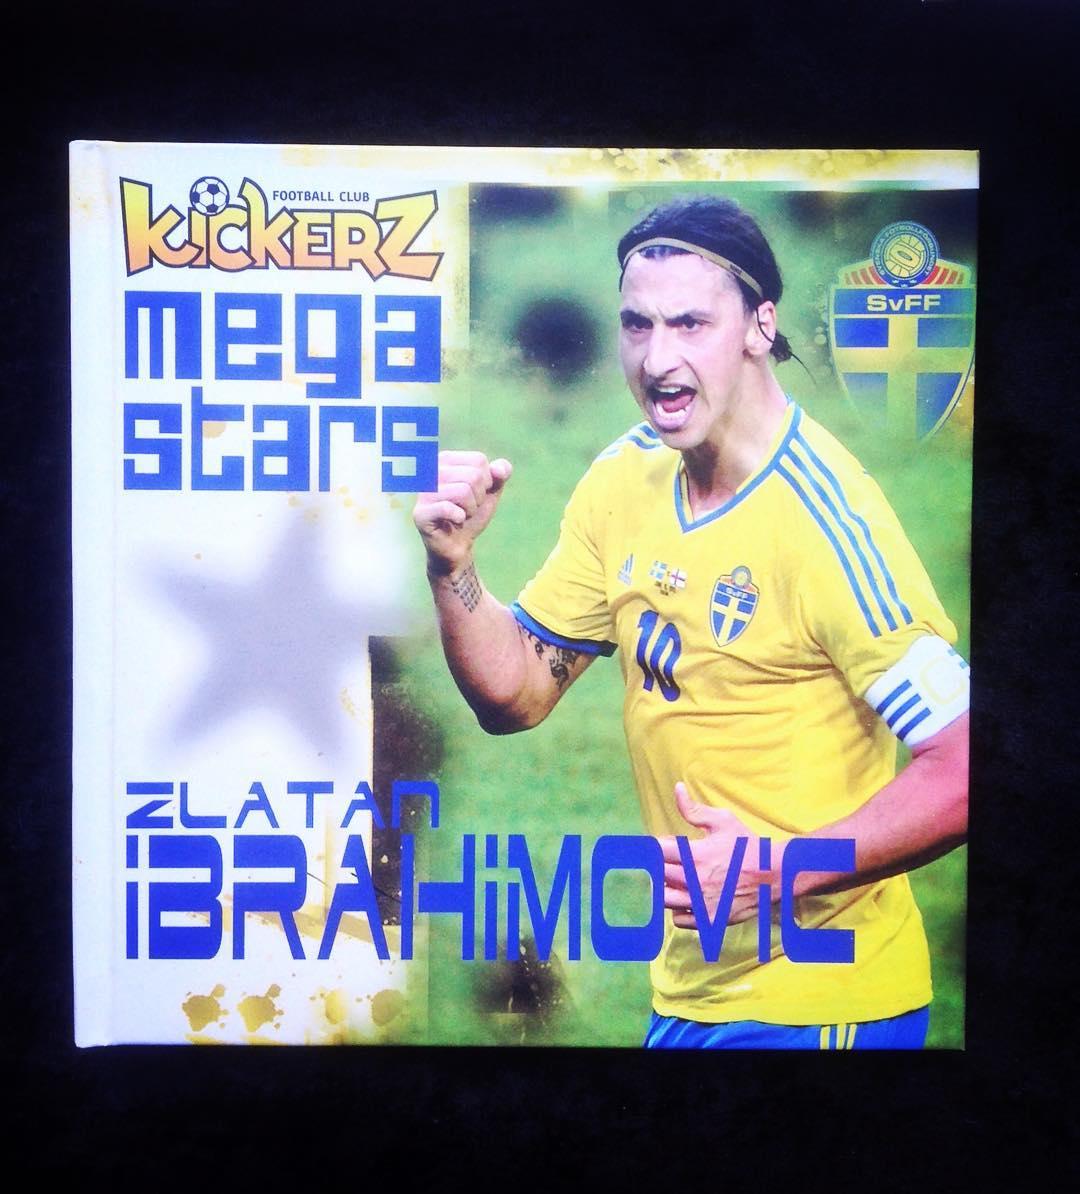 ข่าวสารในคอลเล็กชันของฉันทำตามไลบรารีของฉันบนเว็บไซต์ #swedensbiggestzlatanfan # …